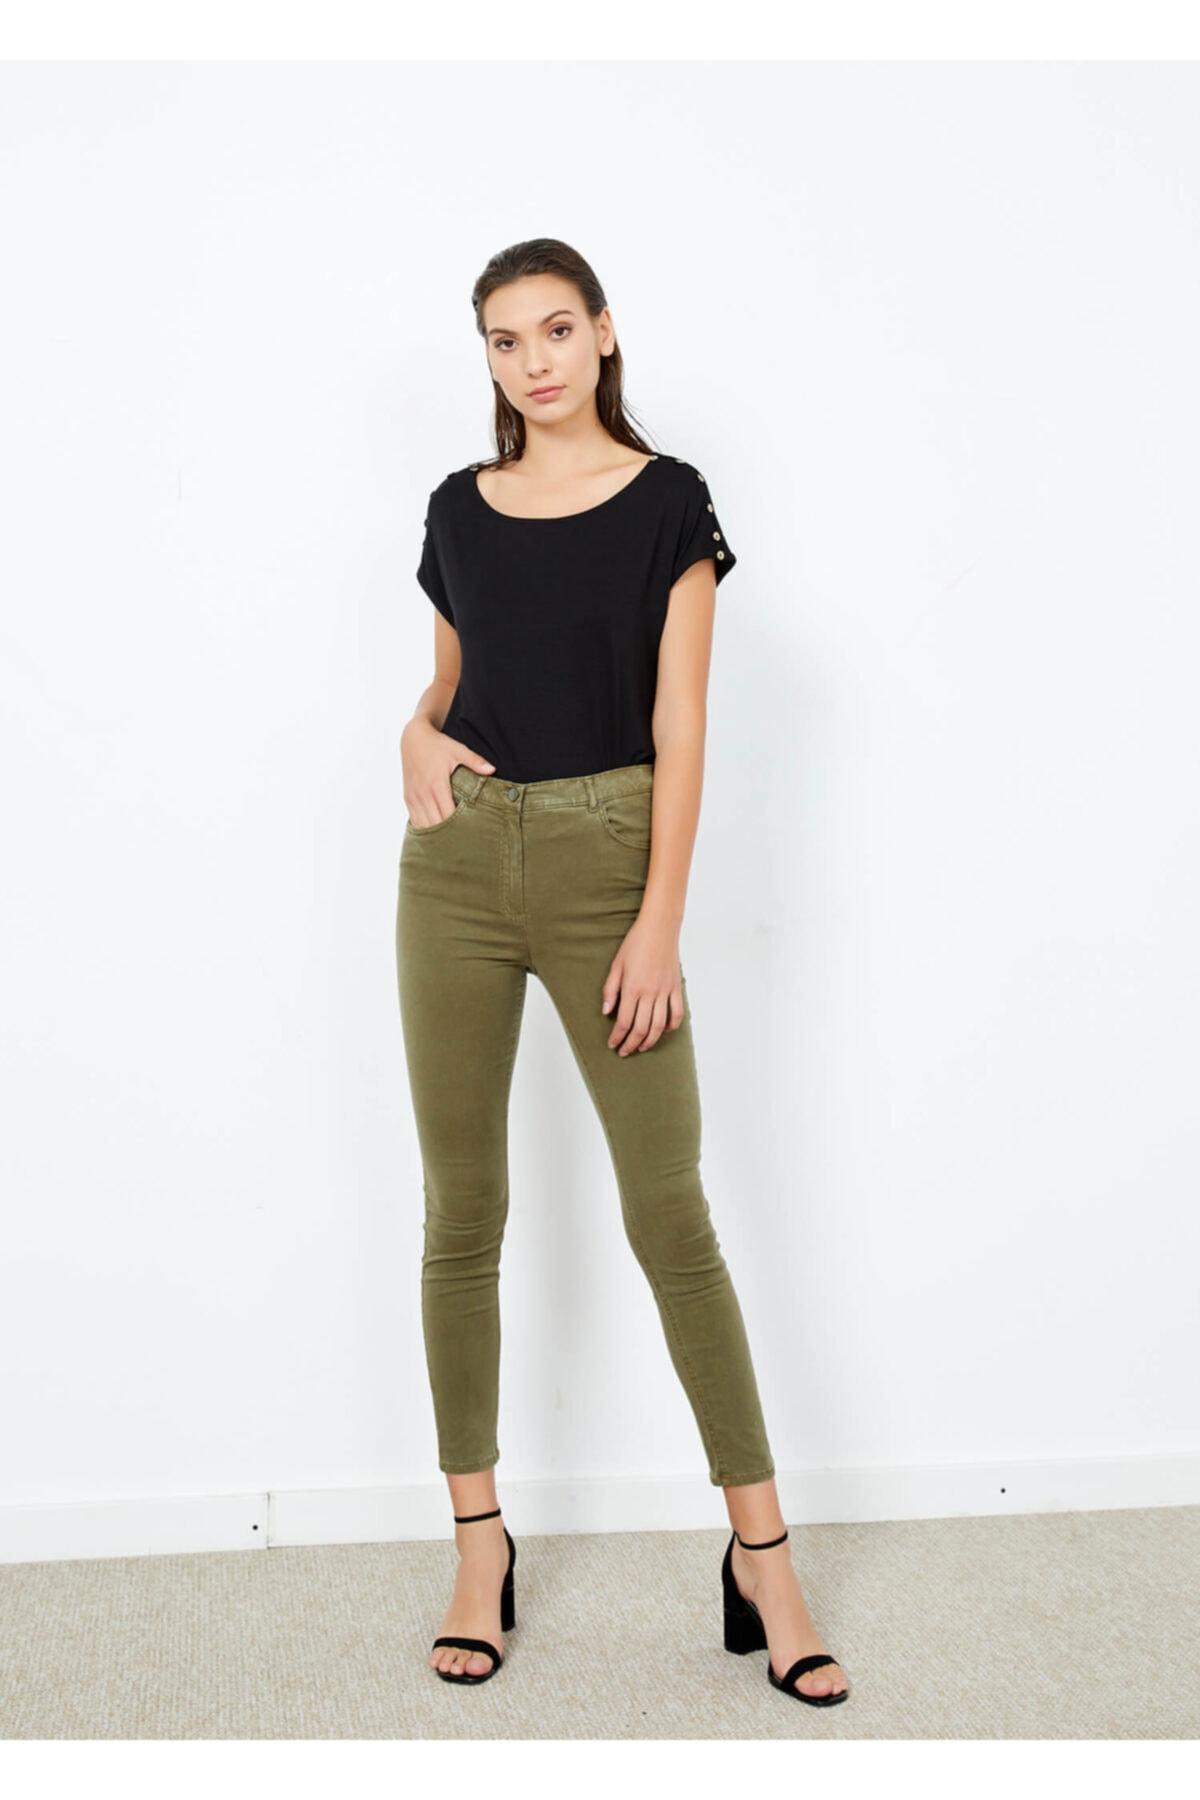 Adze Kadın Haki Dar Paça Slim Fit Pantolon Khaki 54 2